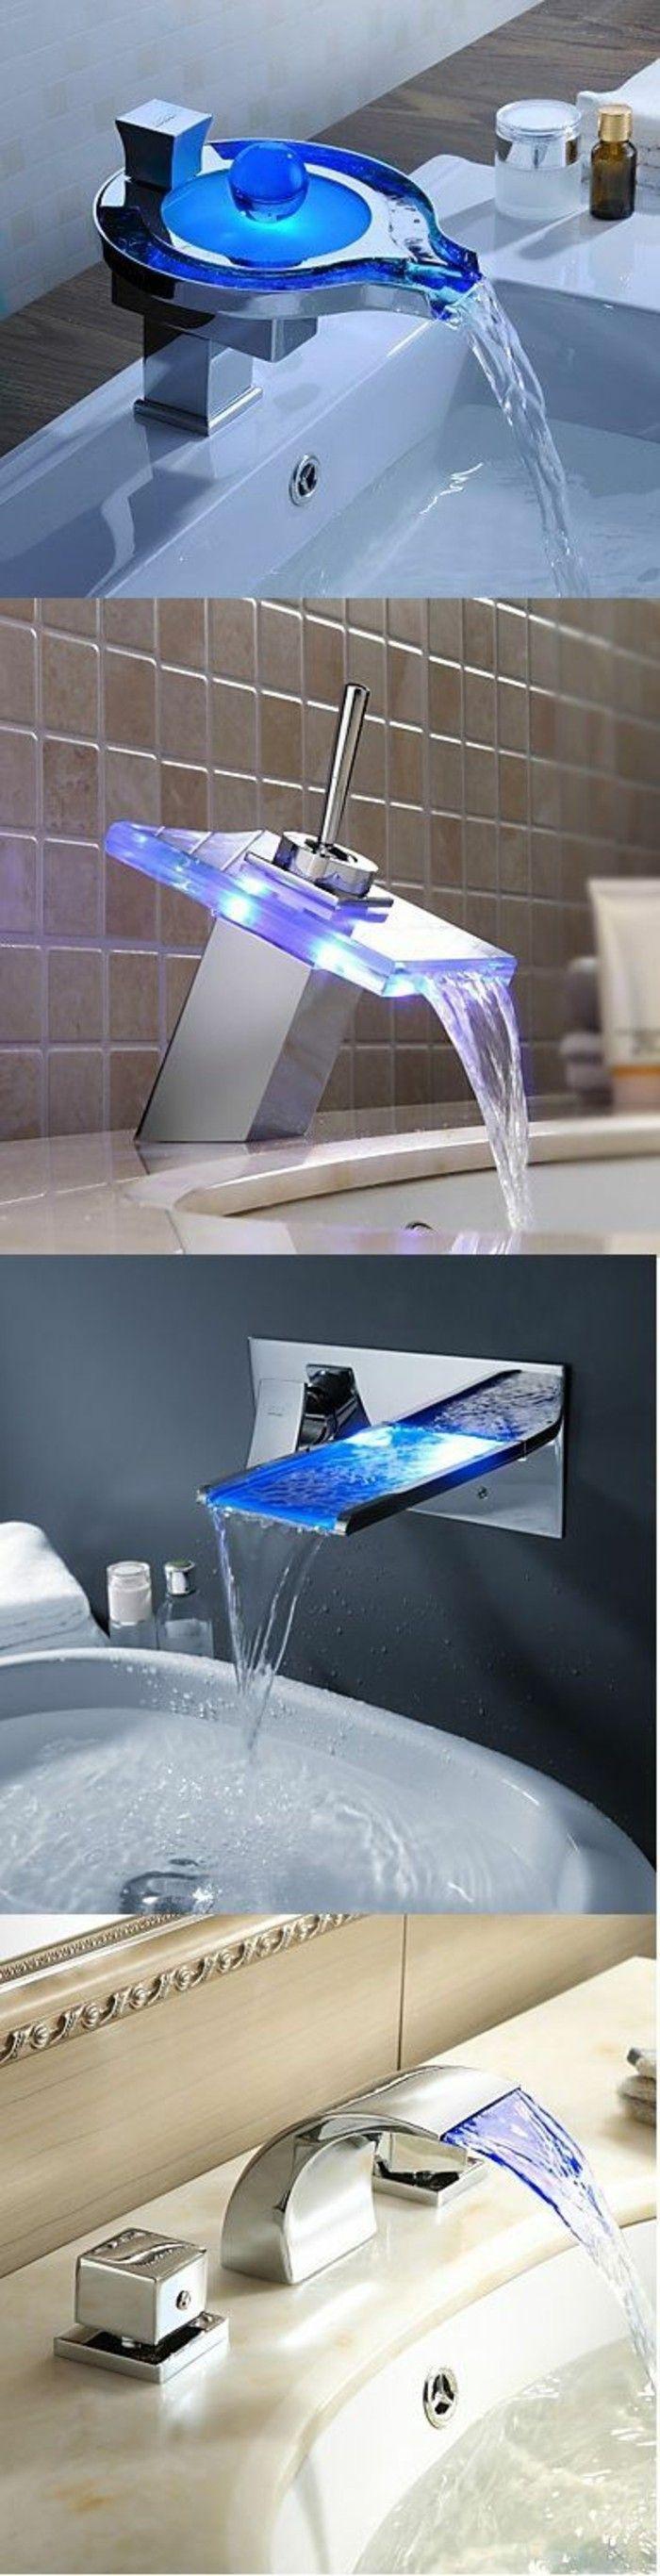 Unglaubliche Badezimmer Deko Ideen